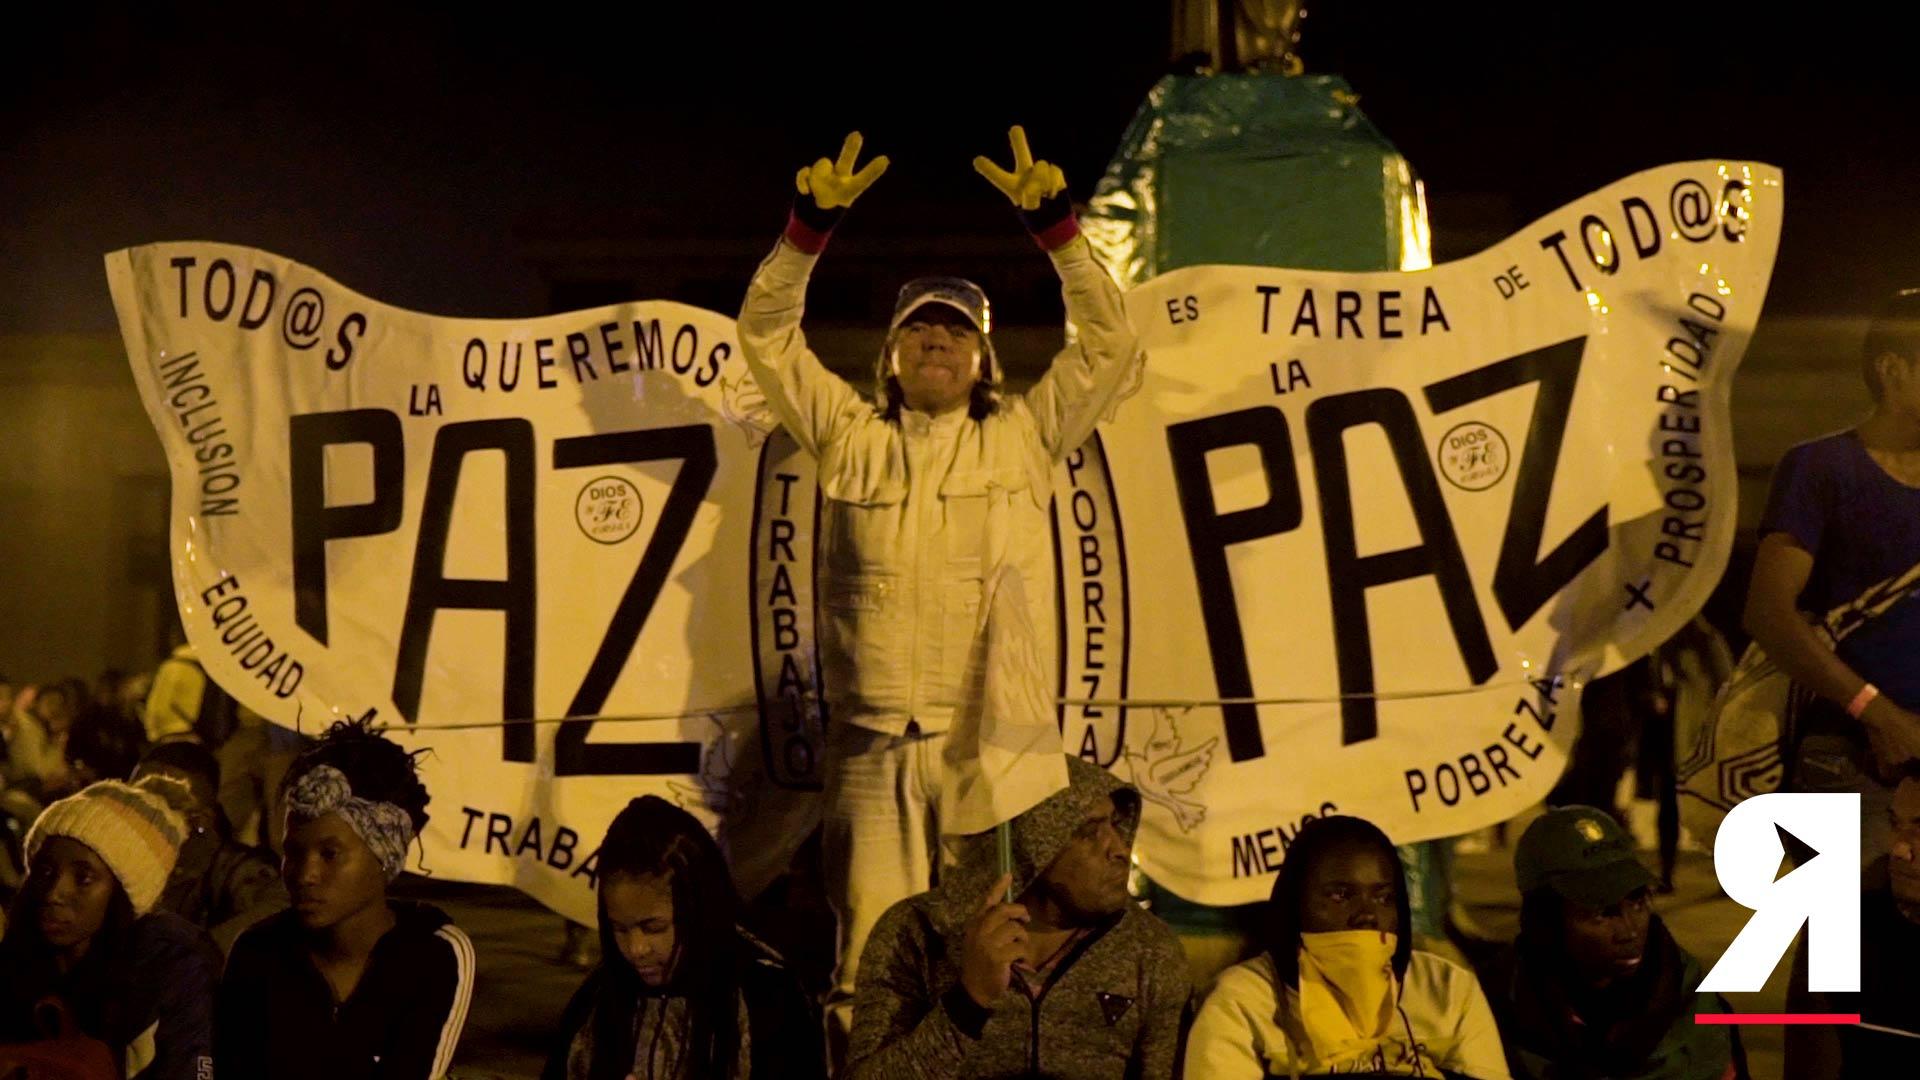 'El proceso de paz sacó la guerra, pero quedó la pelea por la tierra': el grito de los líderes en Bogotá